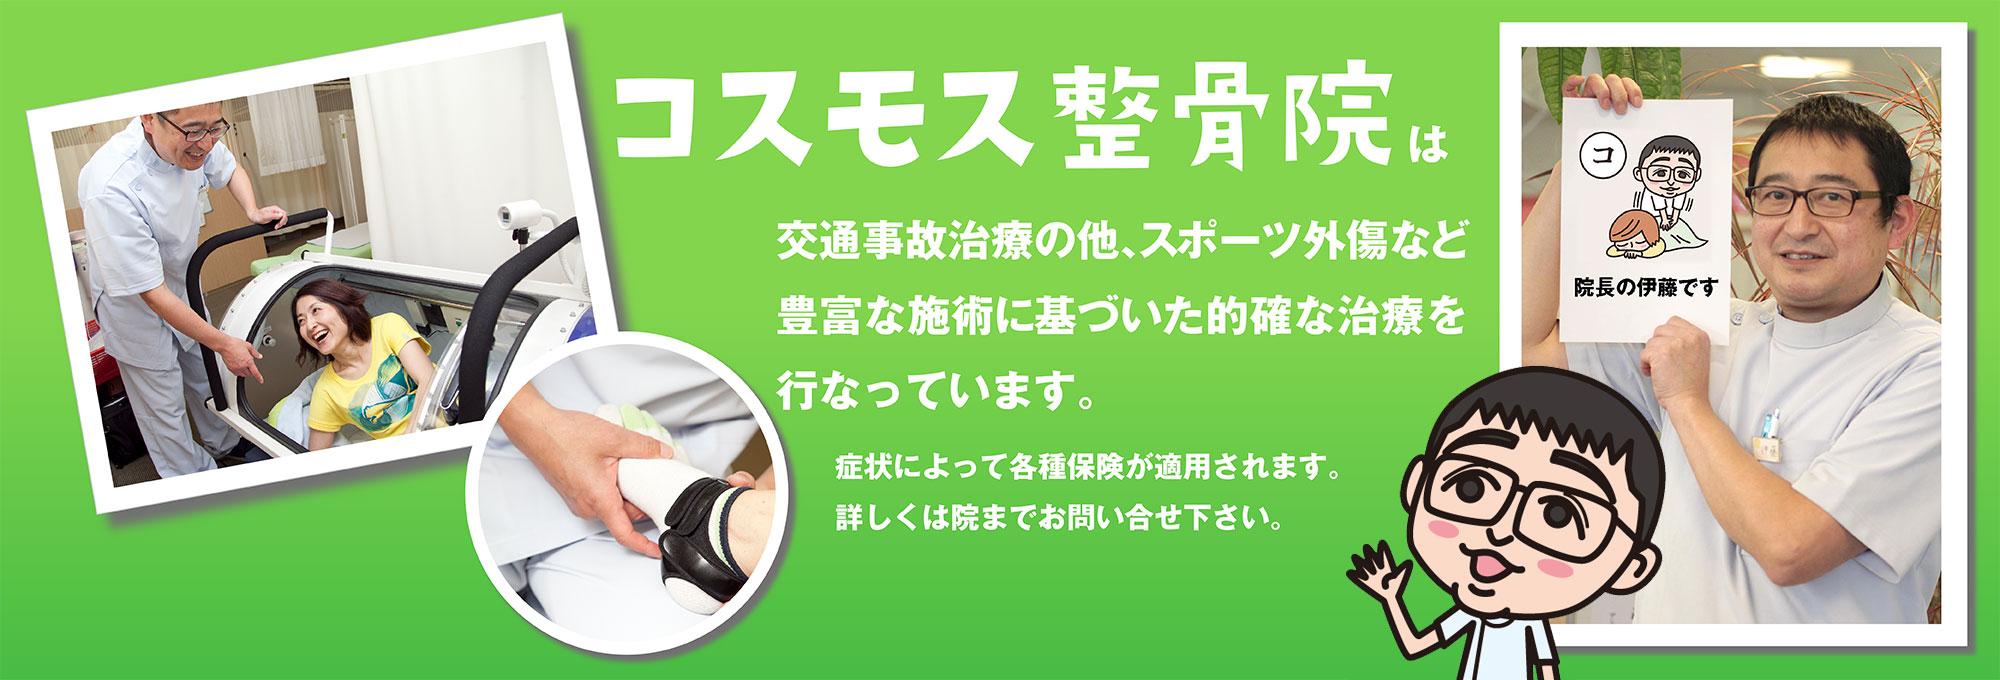 コスモス整骨院は西鉄朝倉街道駅直結!徒歩3秒